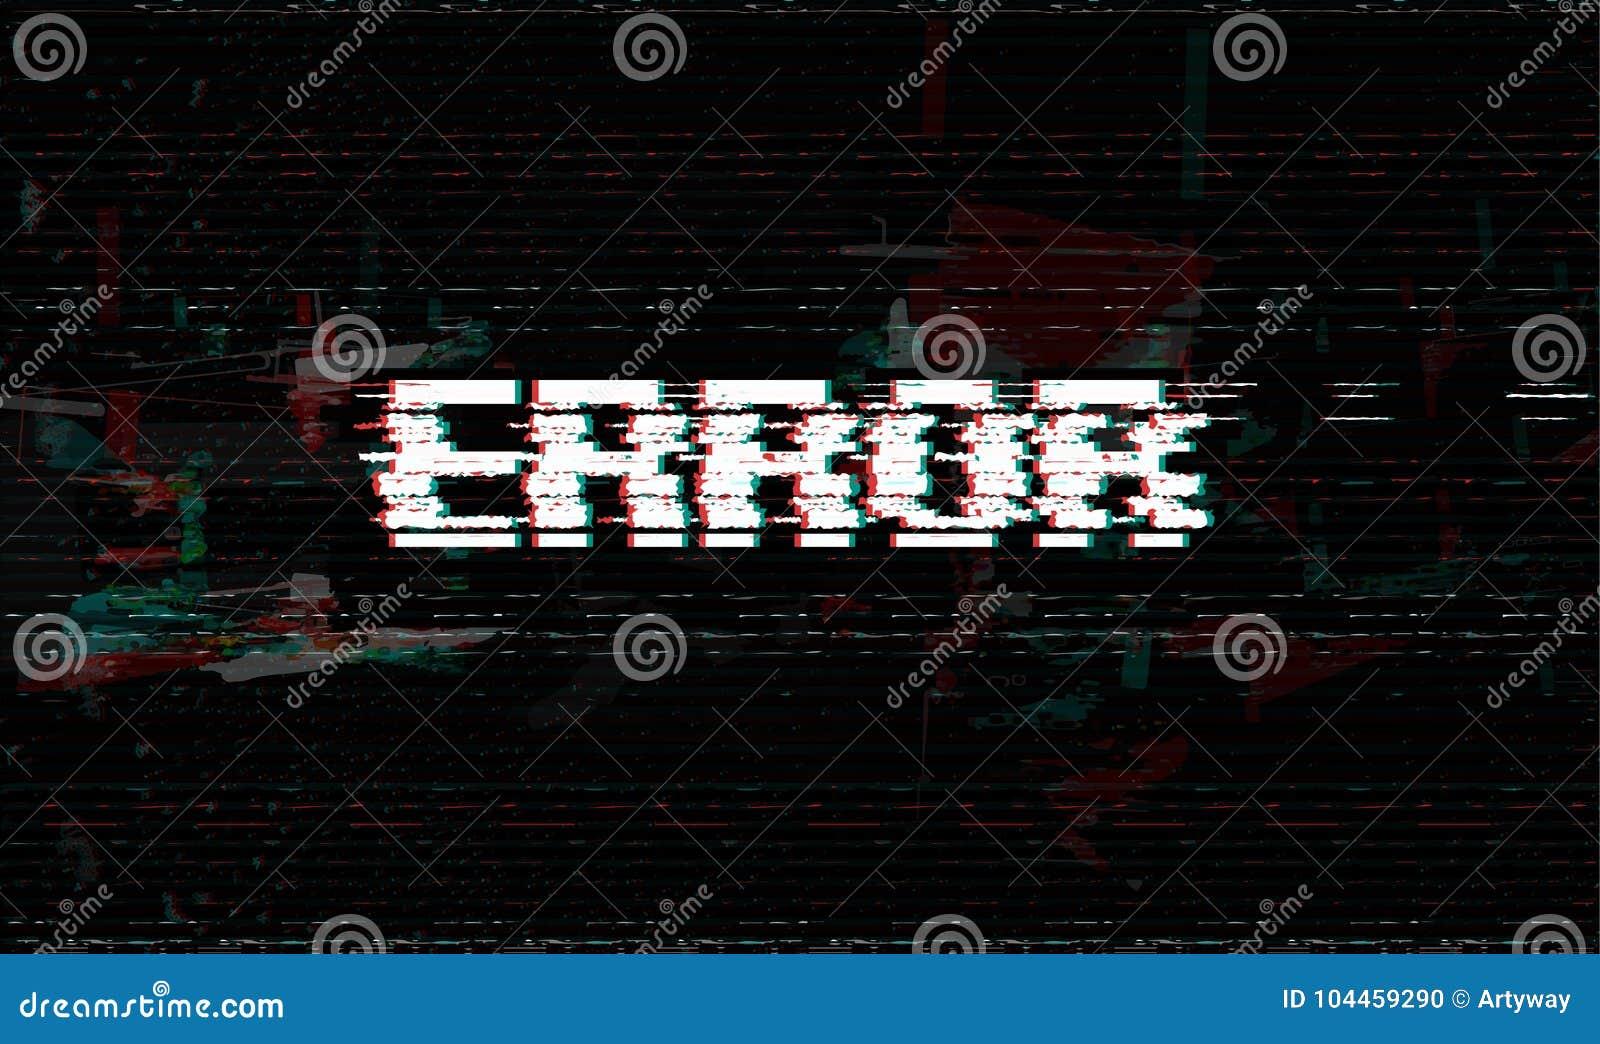 Foutenmelding, glitch, de vectorillustratie van de systeemmislukking, zwarte glitch effect achtergrond